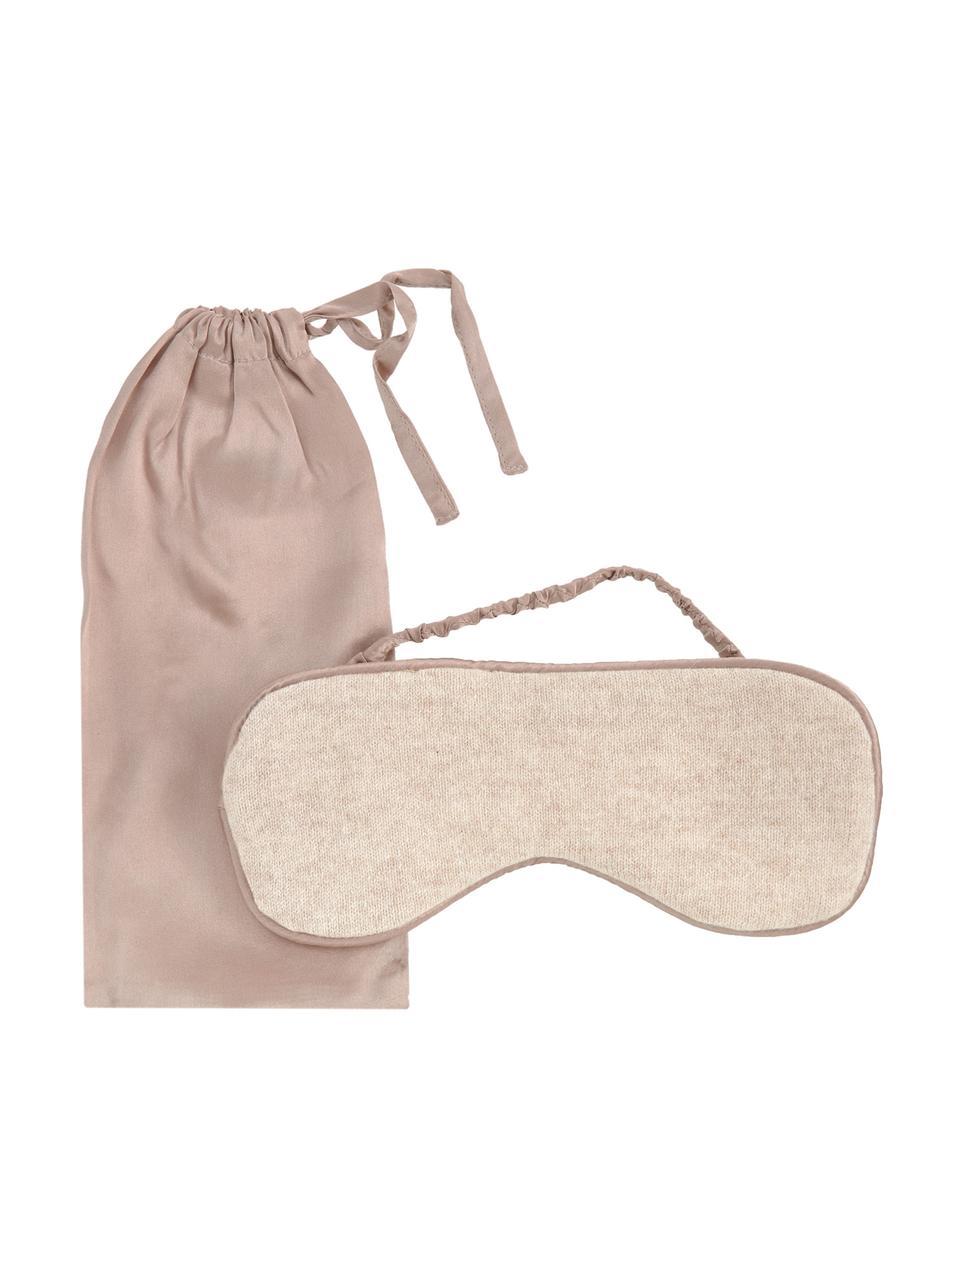 Seiden-Schlafmaske Silke, Vorderseite: 70% Kaschmir, 30% Merinow, Riemen: 100% Seide, Beige, Taupe, 21 x 9 cm